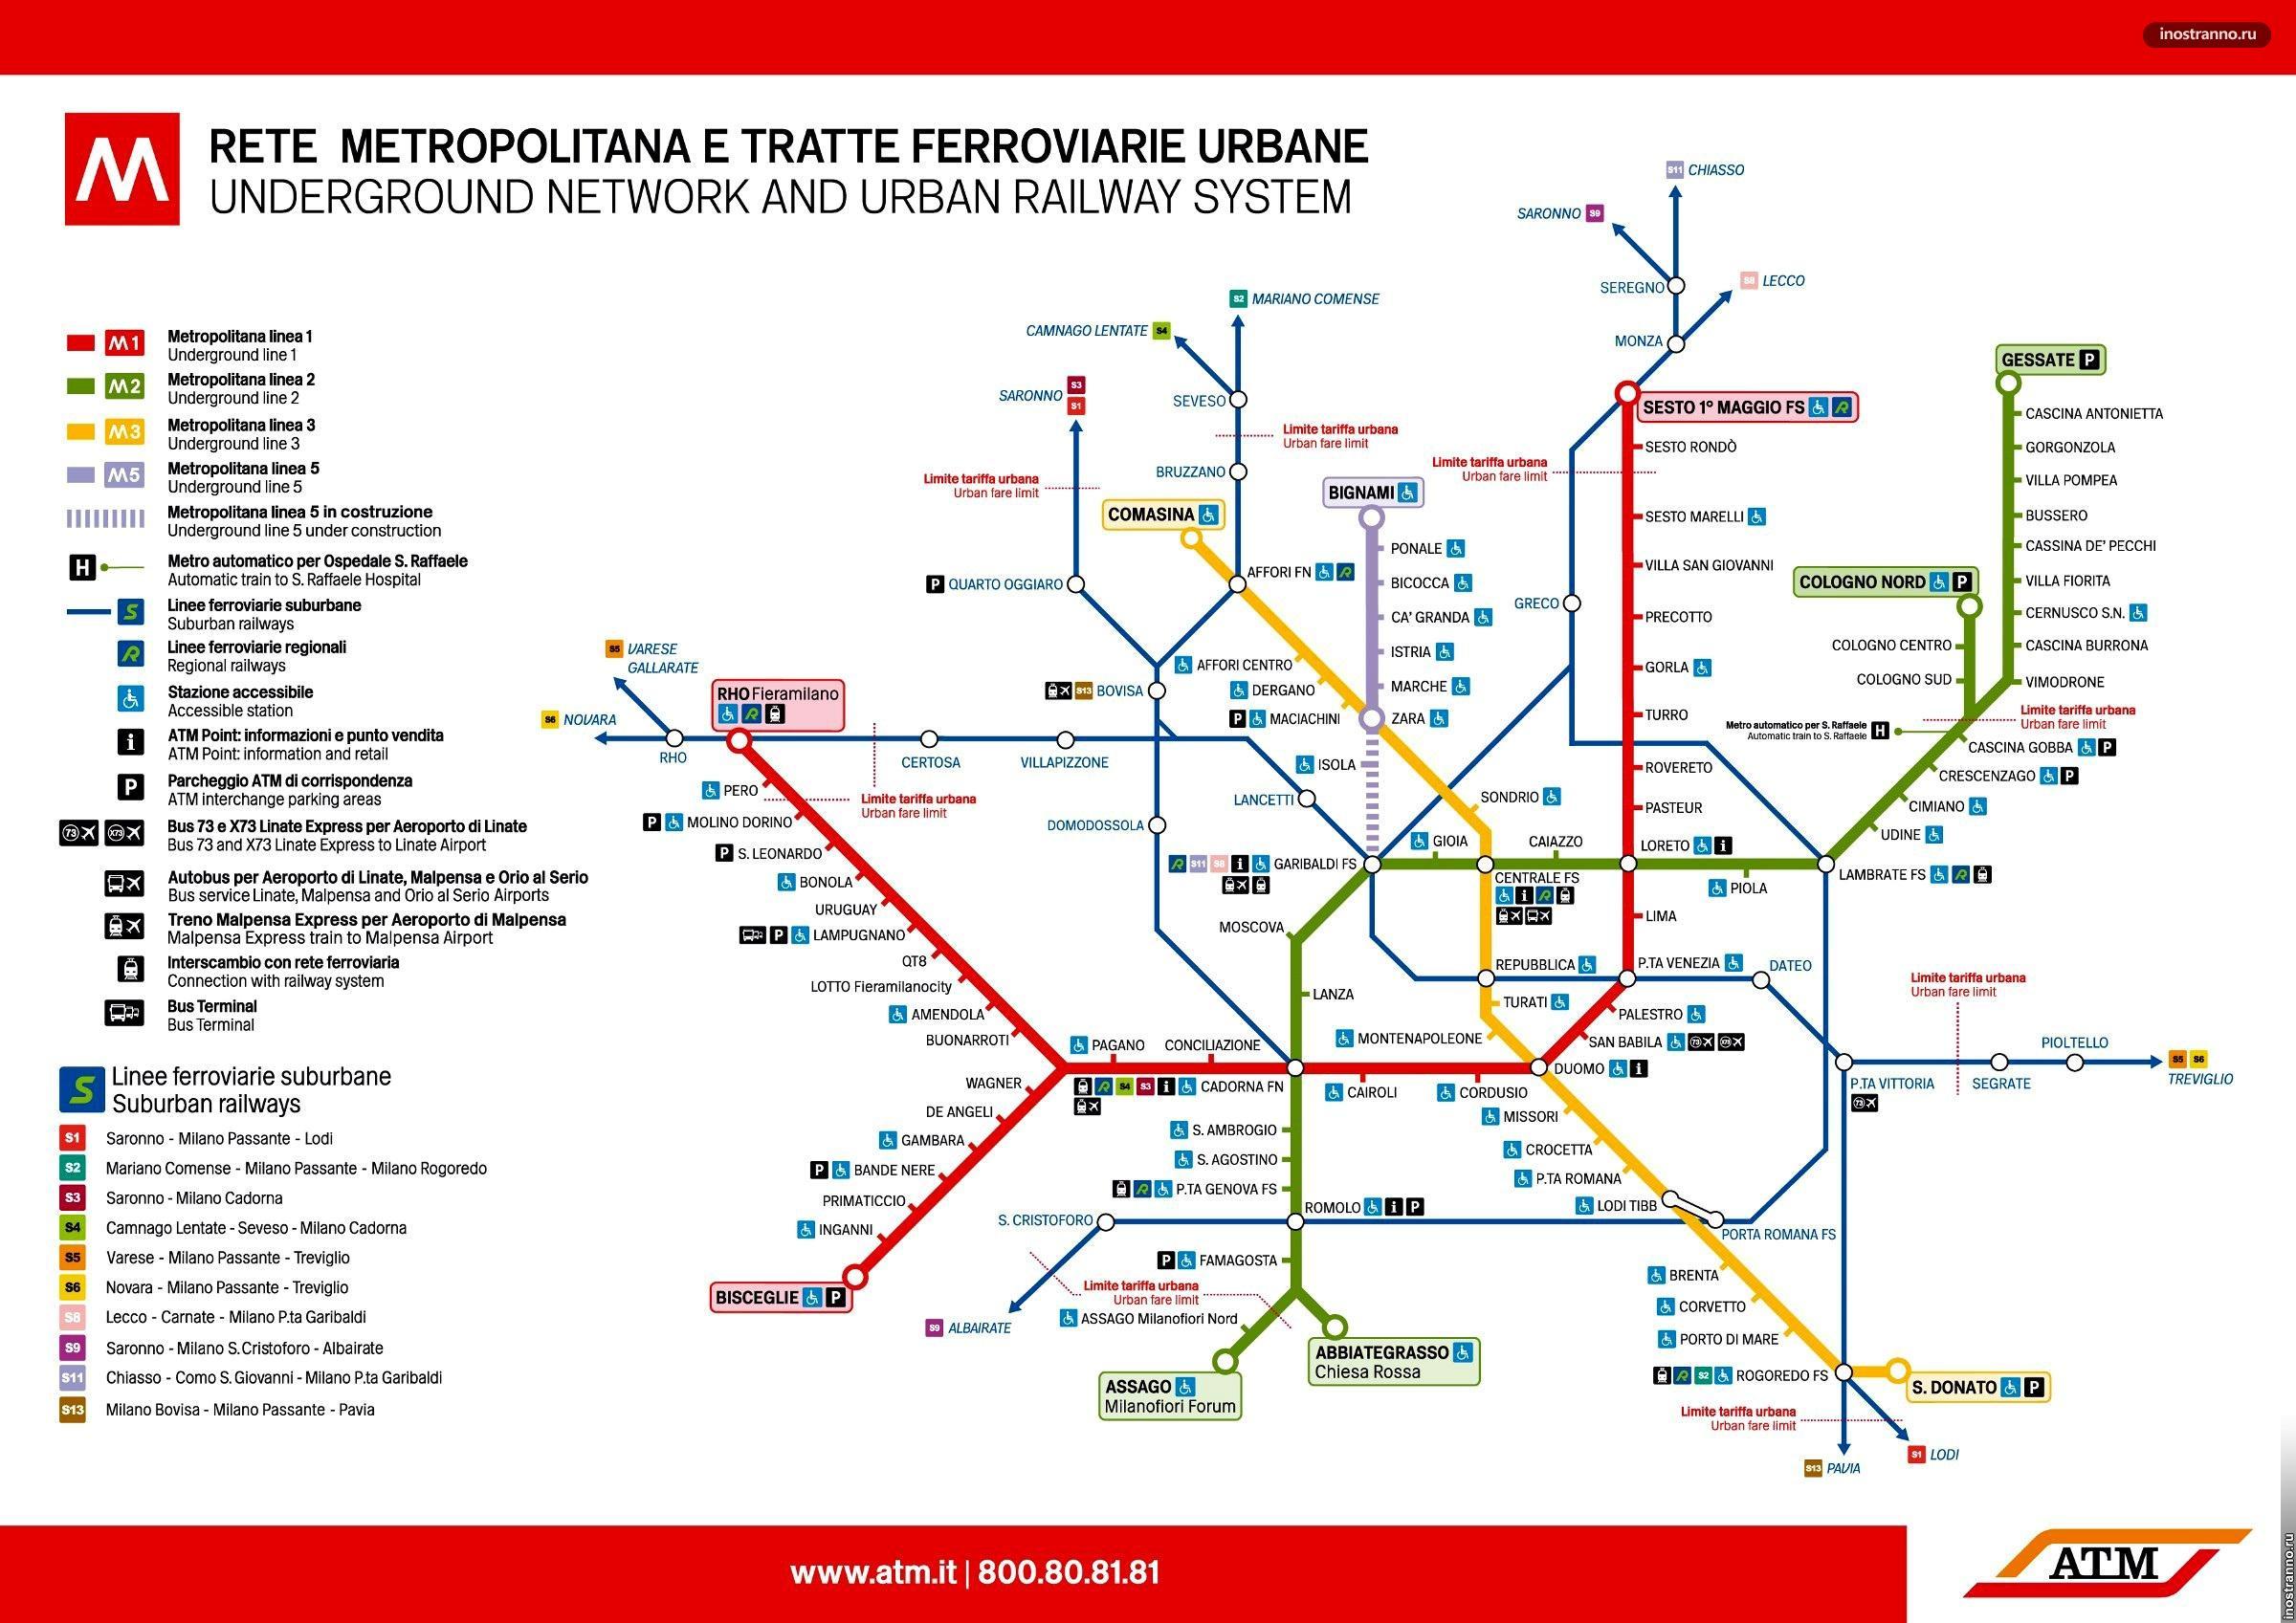 метро милана карта